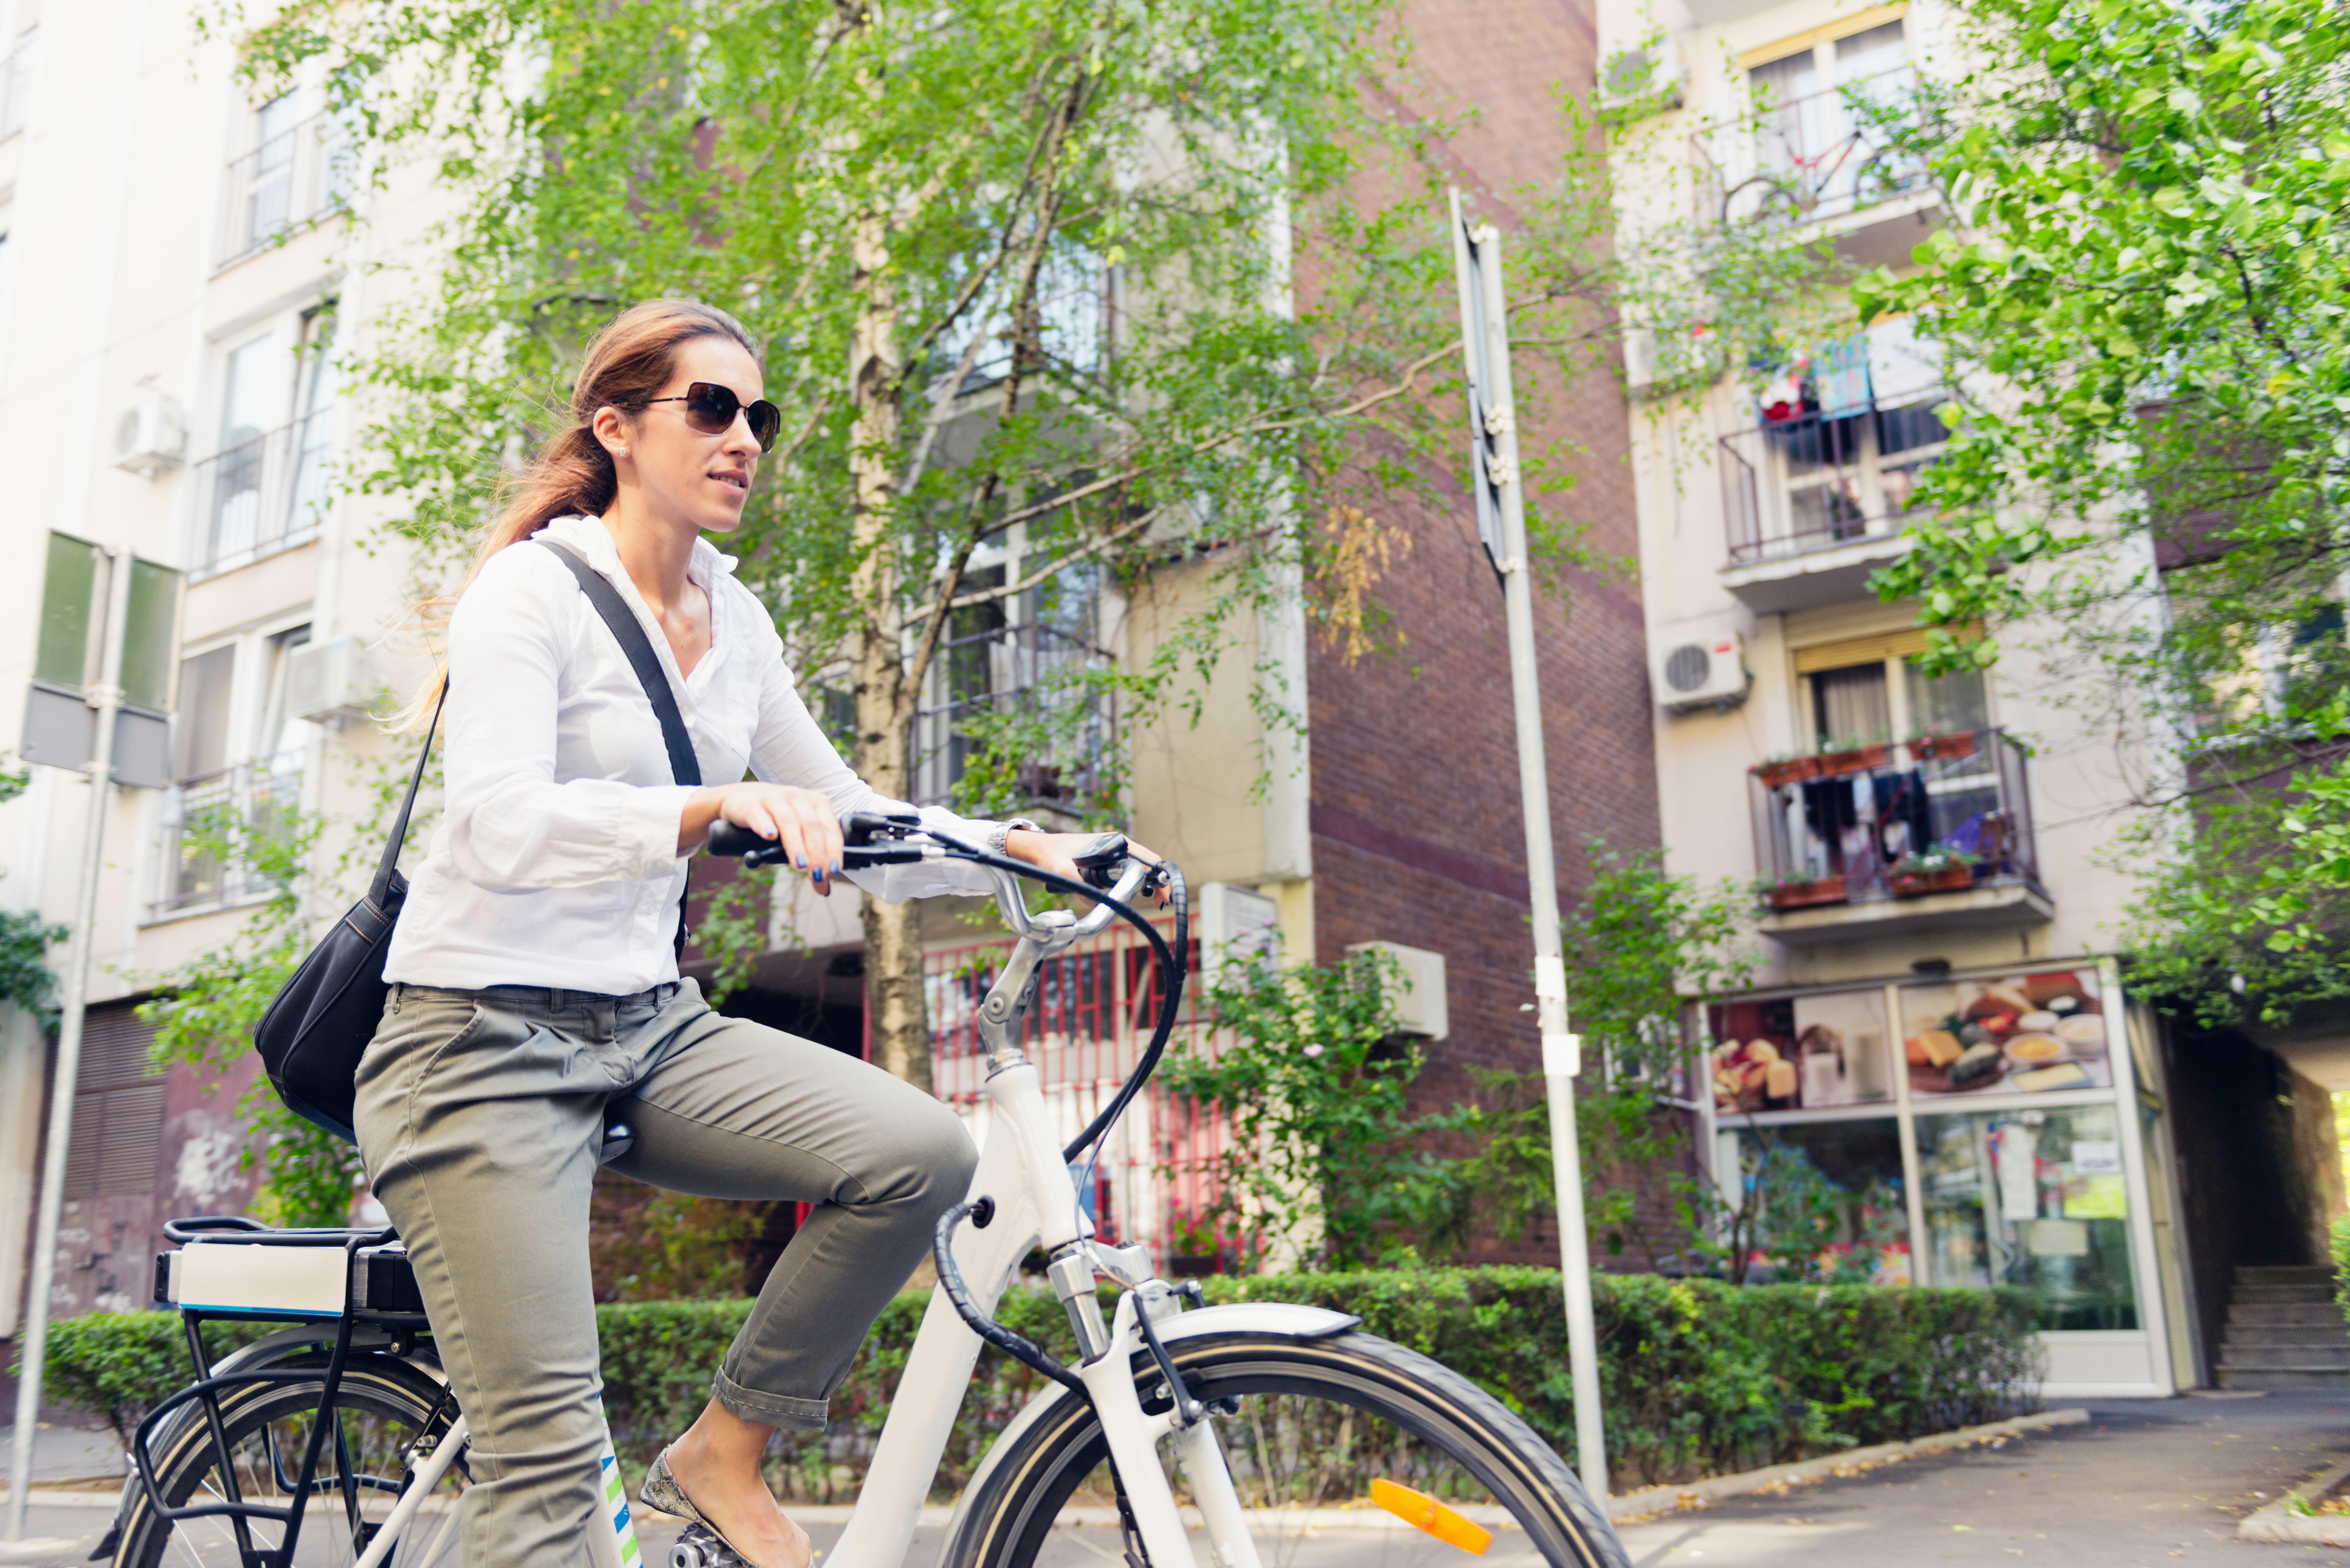 """Hög fart och att det är """"fusk"""" och inte lika hälsosamt att använda en cykel med batteri är några invändningar som elcyklisterna brukar få höra."""